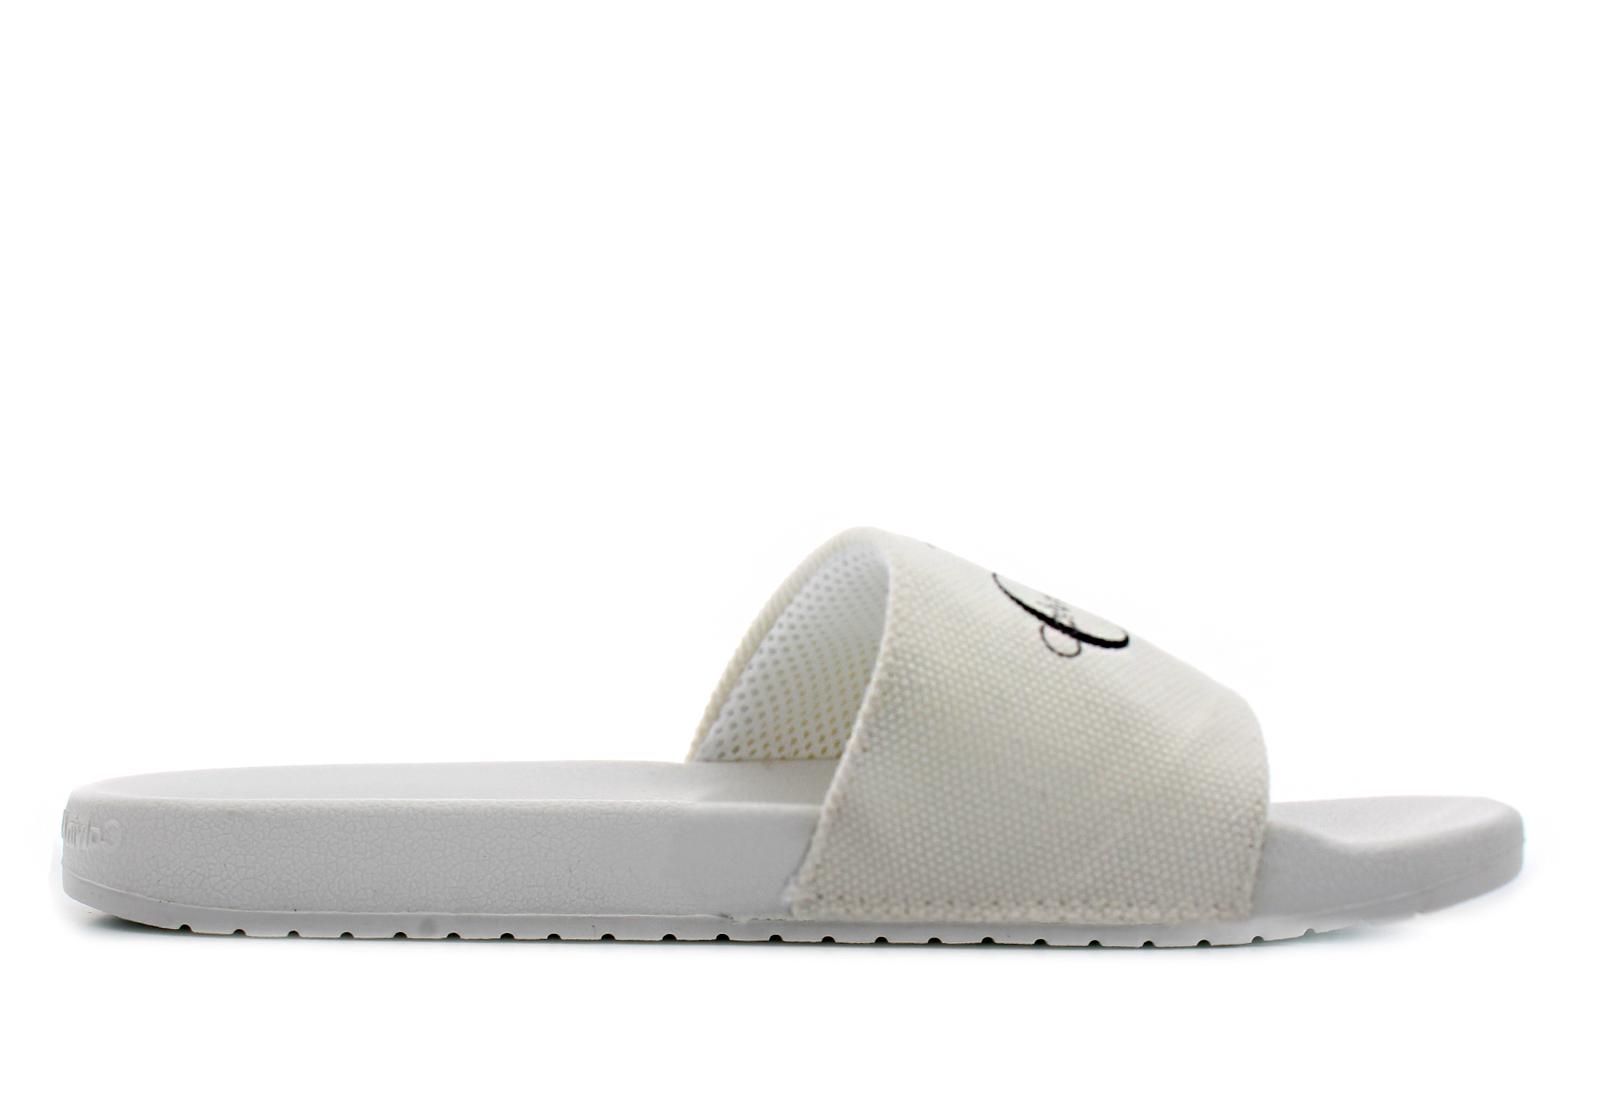 Calvin Klein Jeans Papucs - Viggo - SE8535-WHT - Office Shoes ... 8162a0ad57